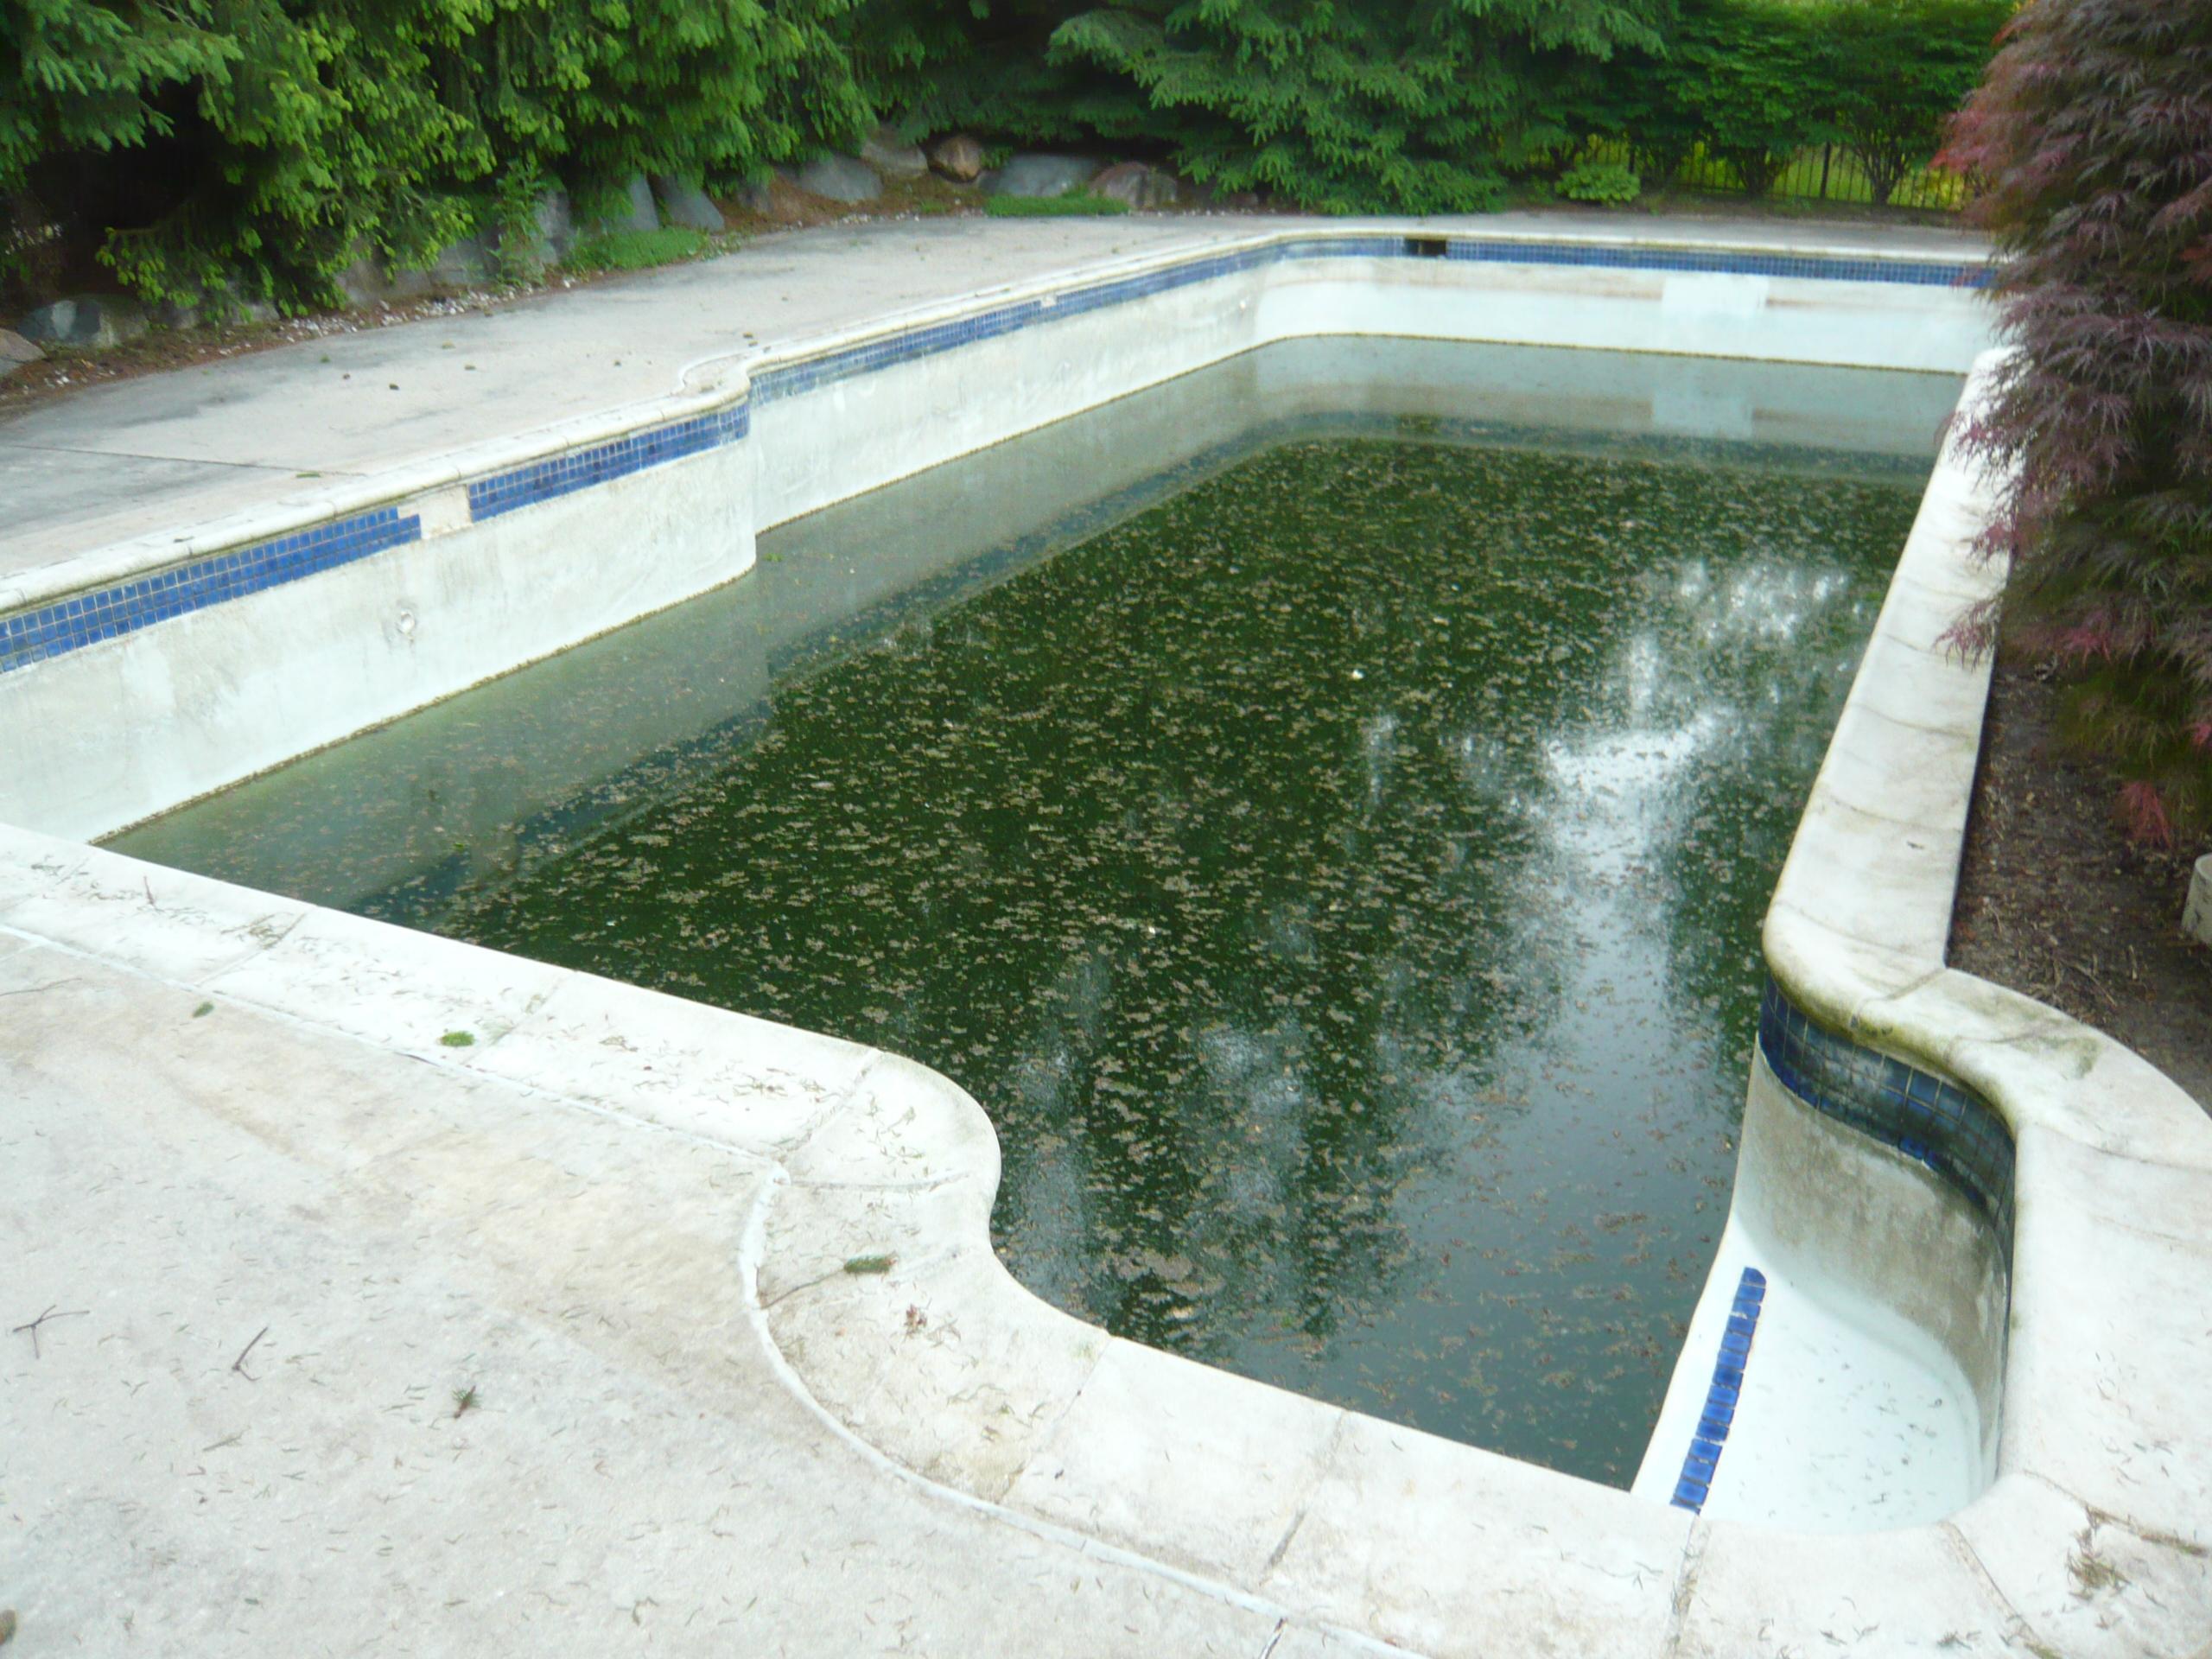 Acid Wash Gunite Pool : Here s a green gunite pool that could use an acid wash or